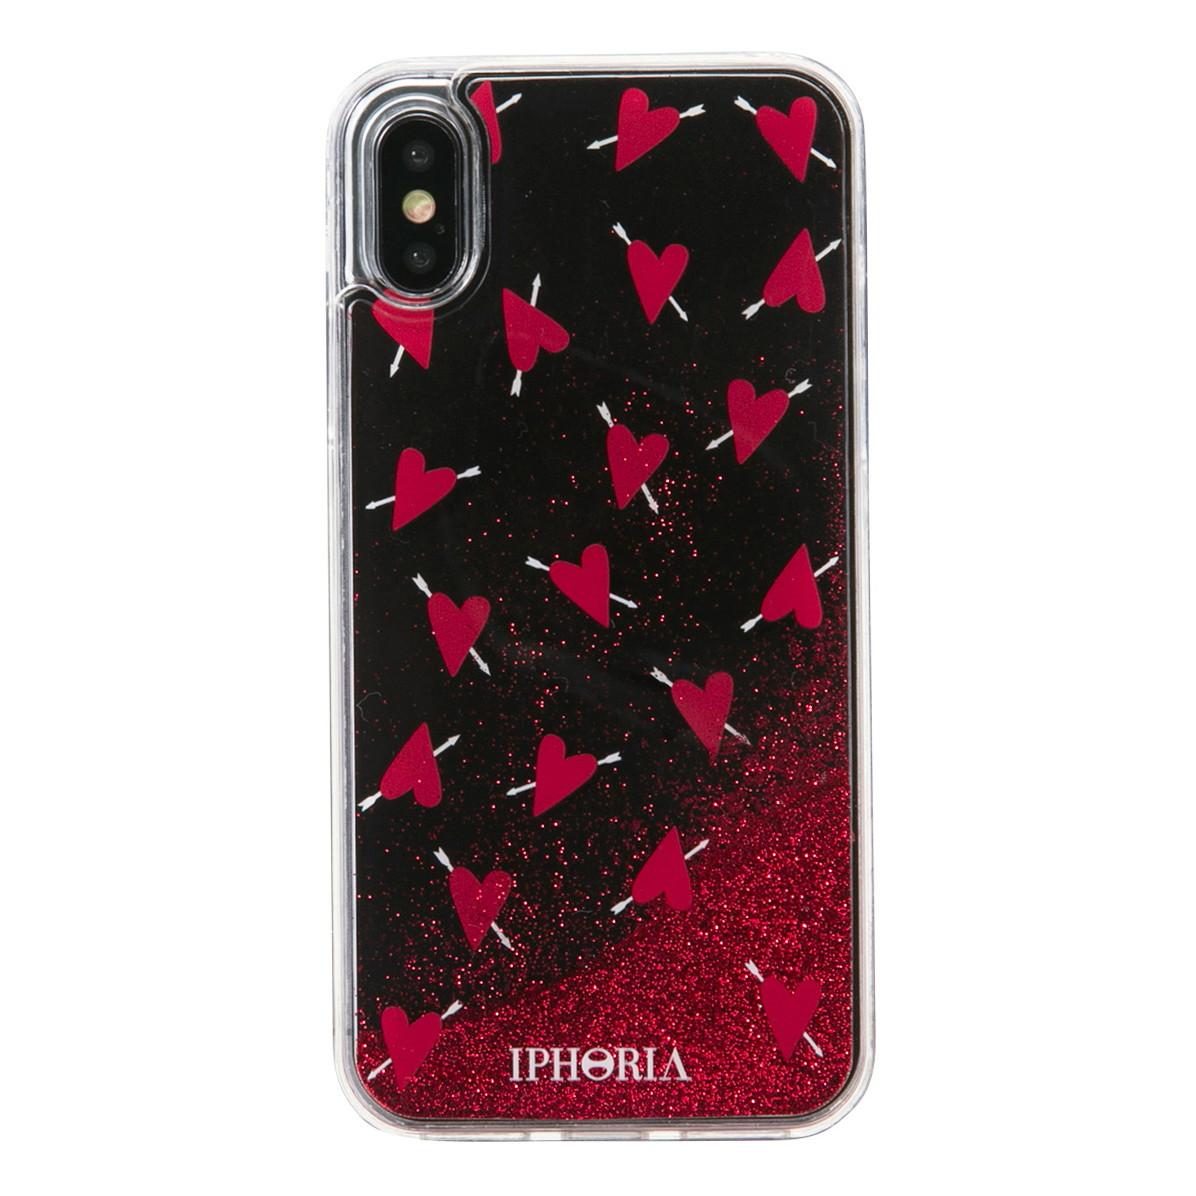 IPHORIA アイフォリア Liquid Case for Apple iPhone X/XS - Amore Black リキッドケースアモーレブラック 海外ブランド オシャレ 人気 グリッター キラキラ ラメ ハート